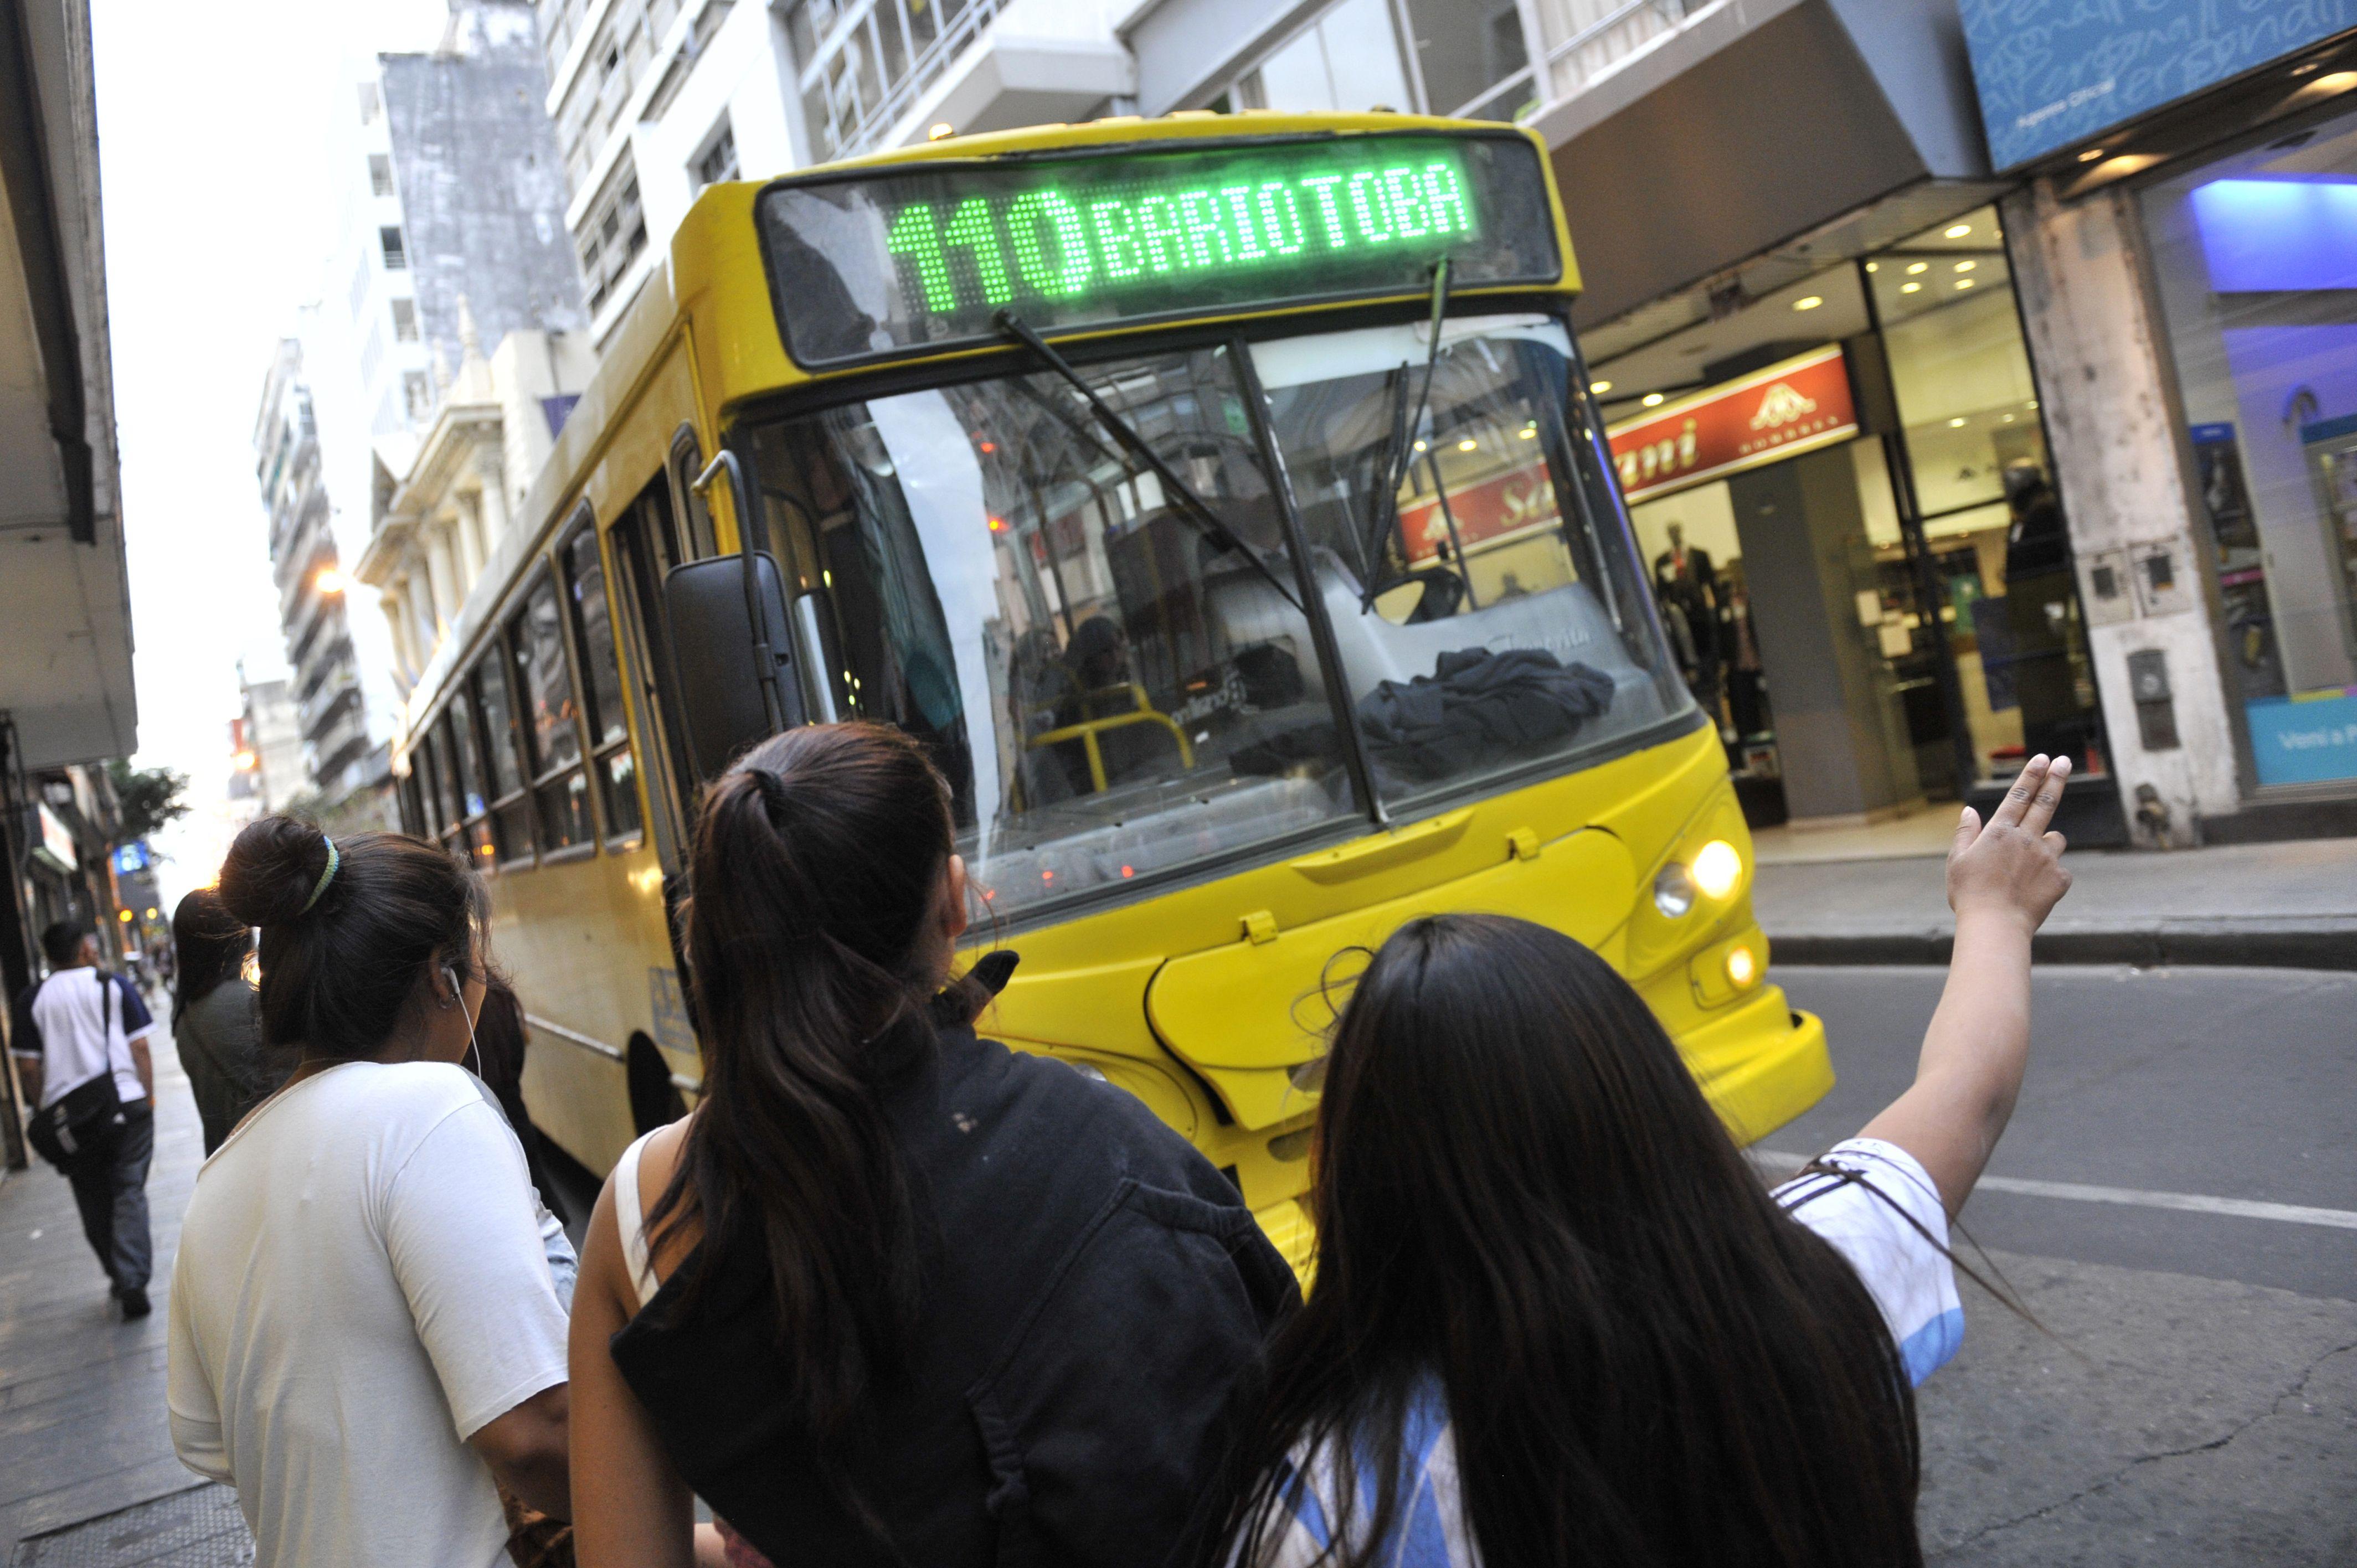 El nuevo sistema de transporte comenzaría a funcionar a principios del año que viene.